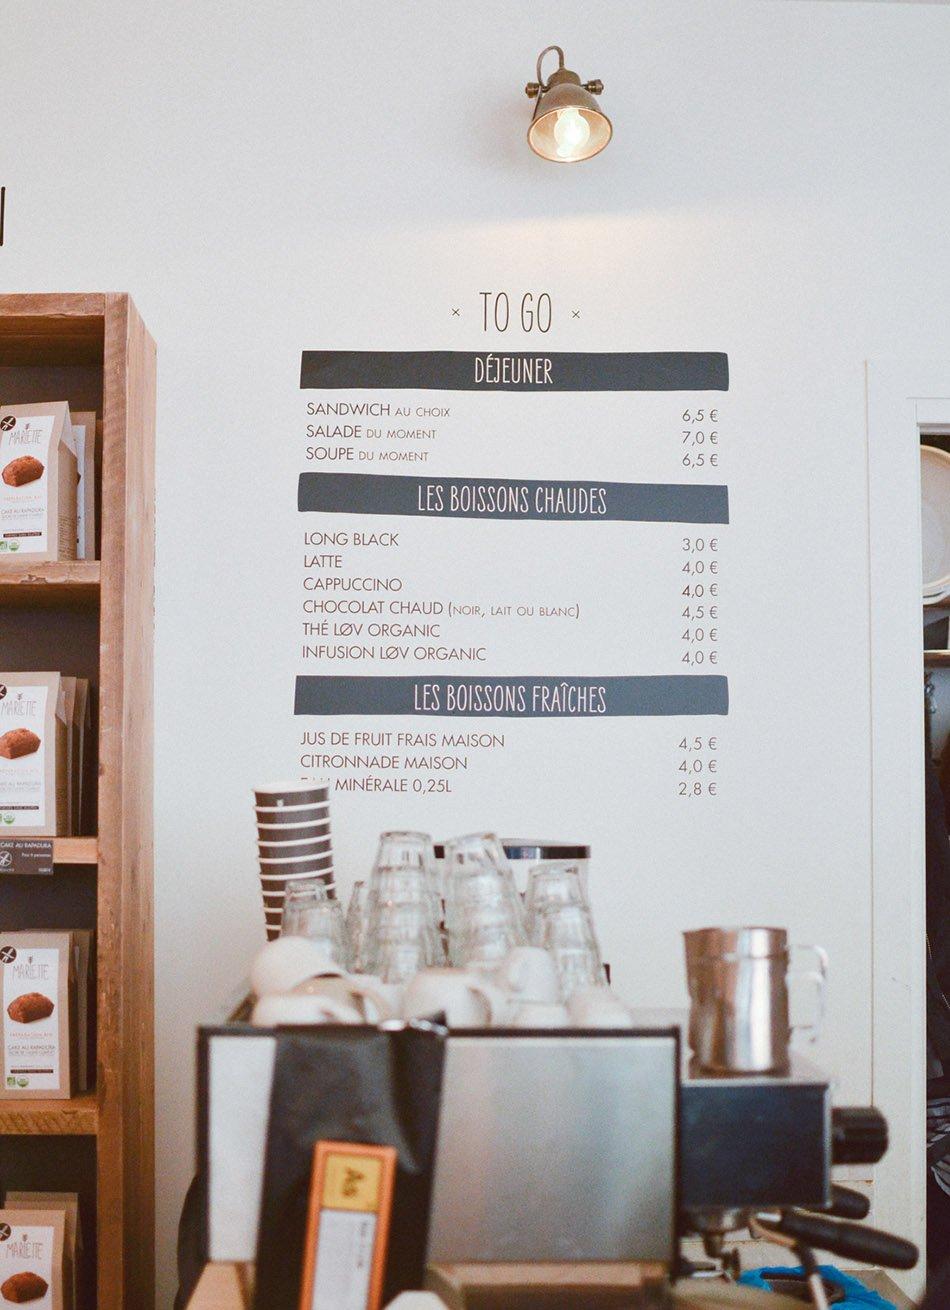 cafe marlette in paris